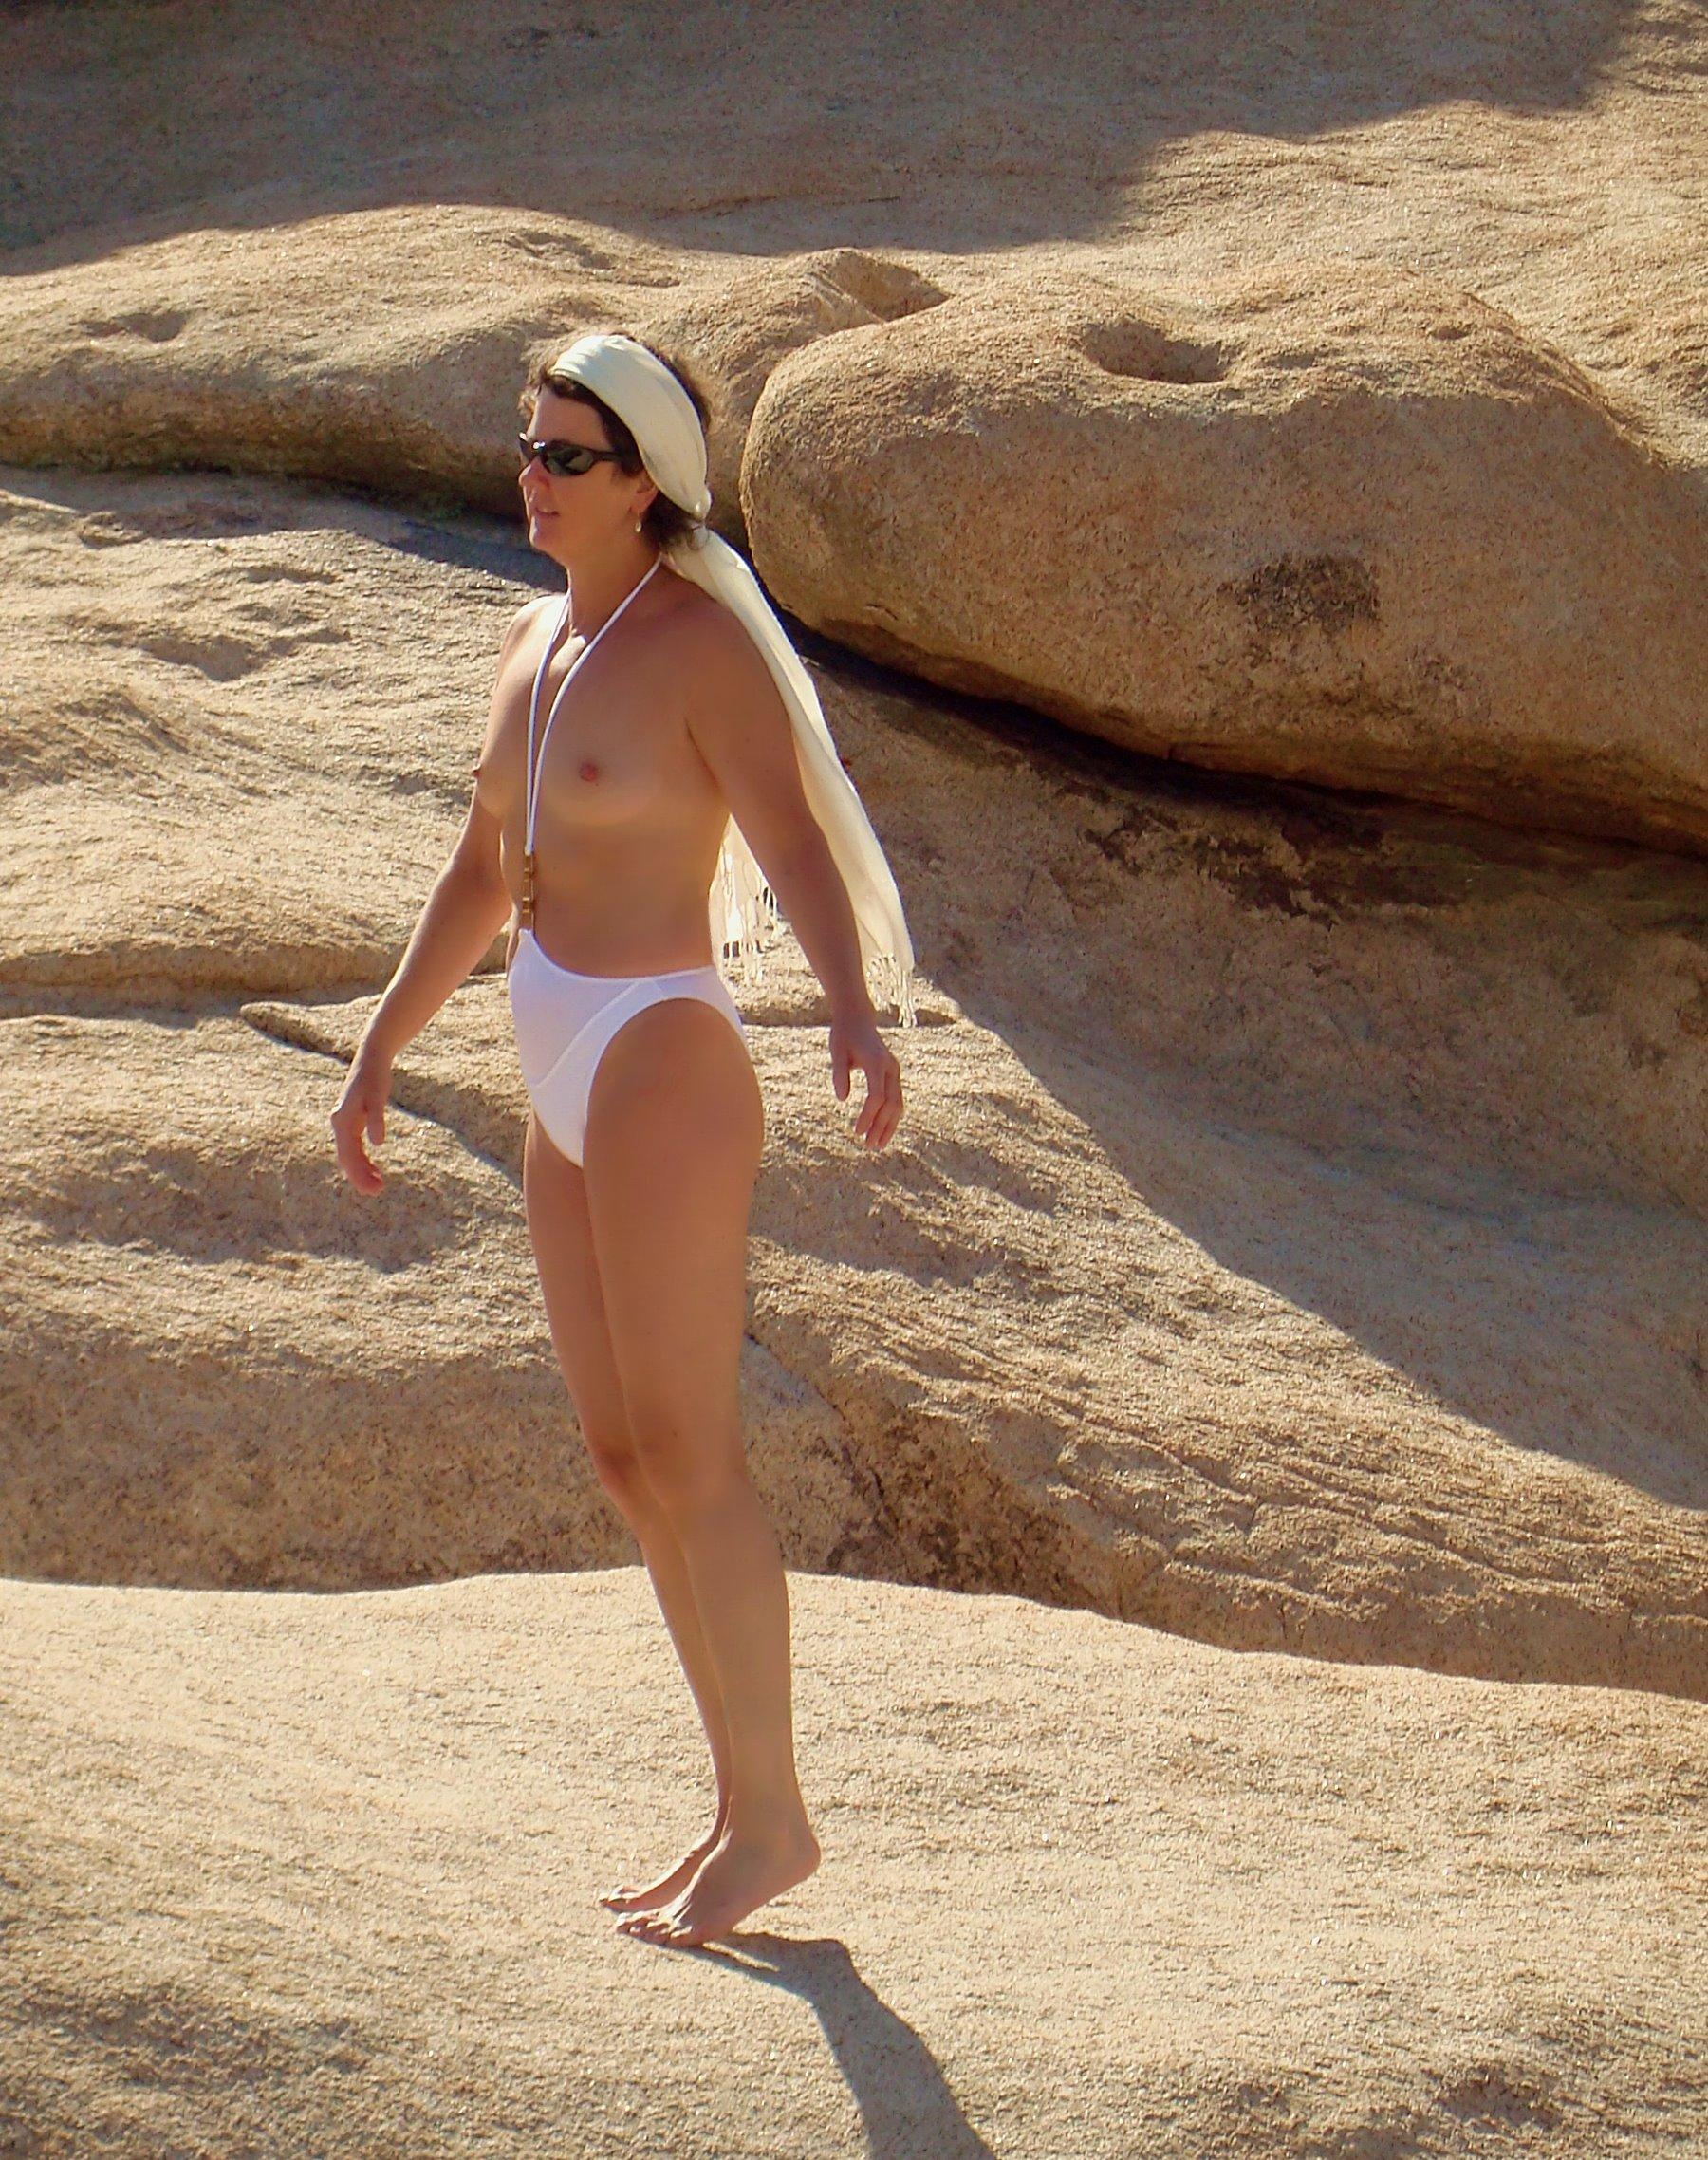 Think, that Amateur bathing suit contest